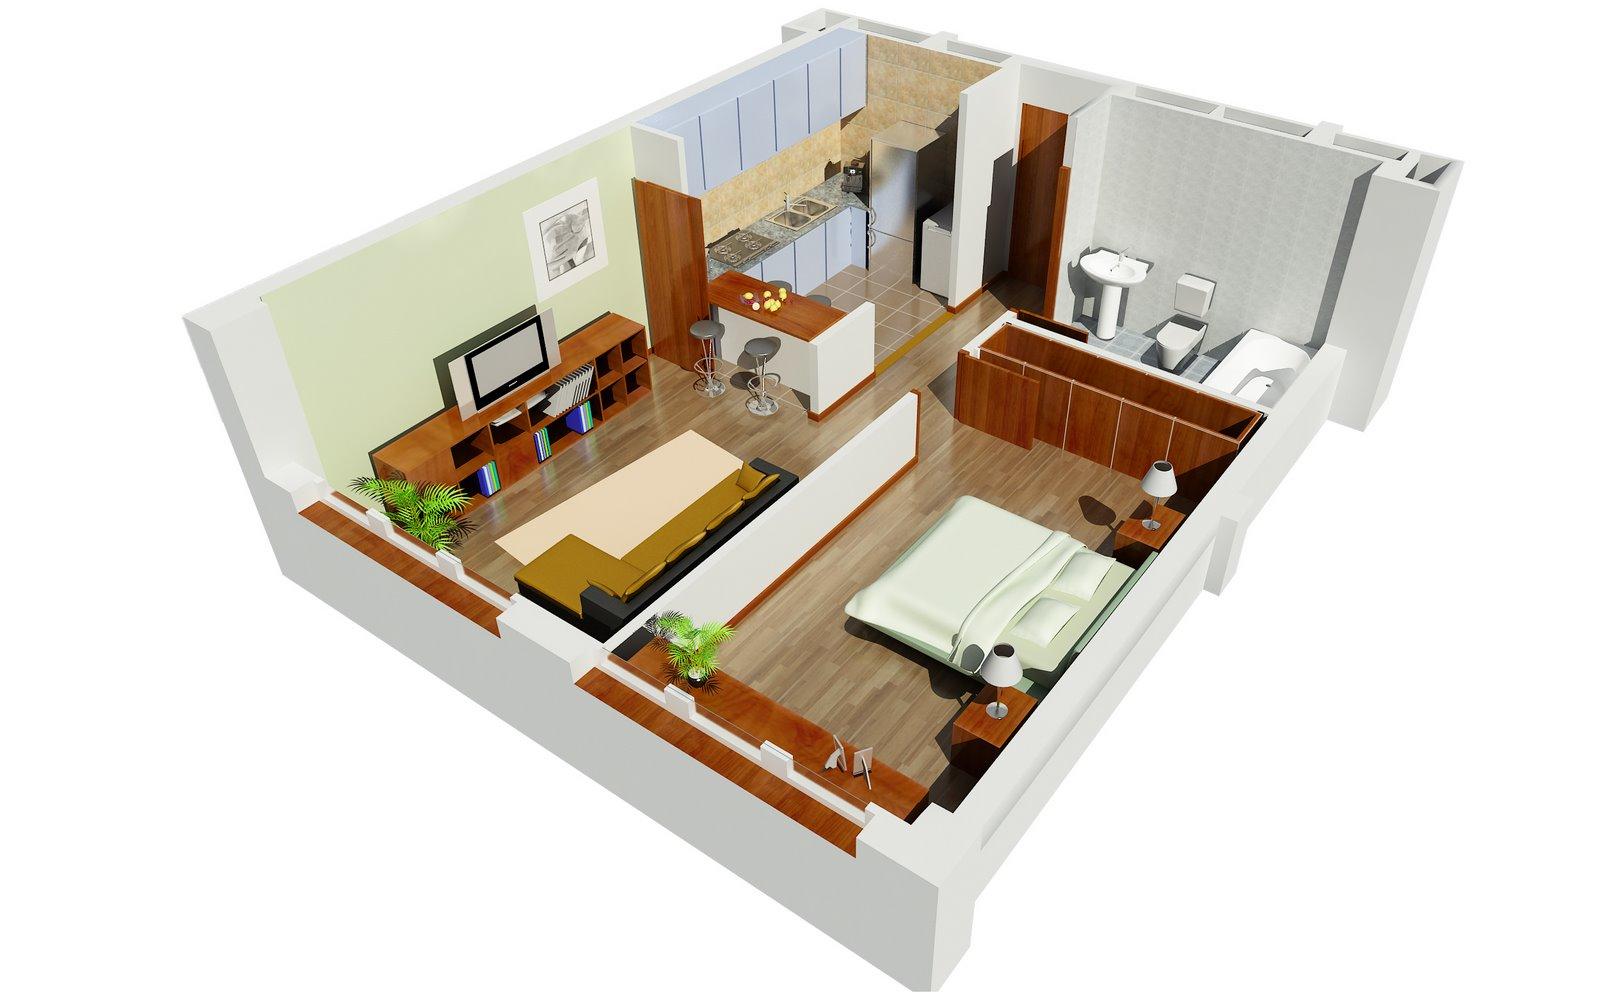 Proyectos y metodologia mobiliario c el dise o for Mobiliario de oficina definicion